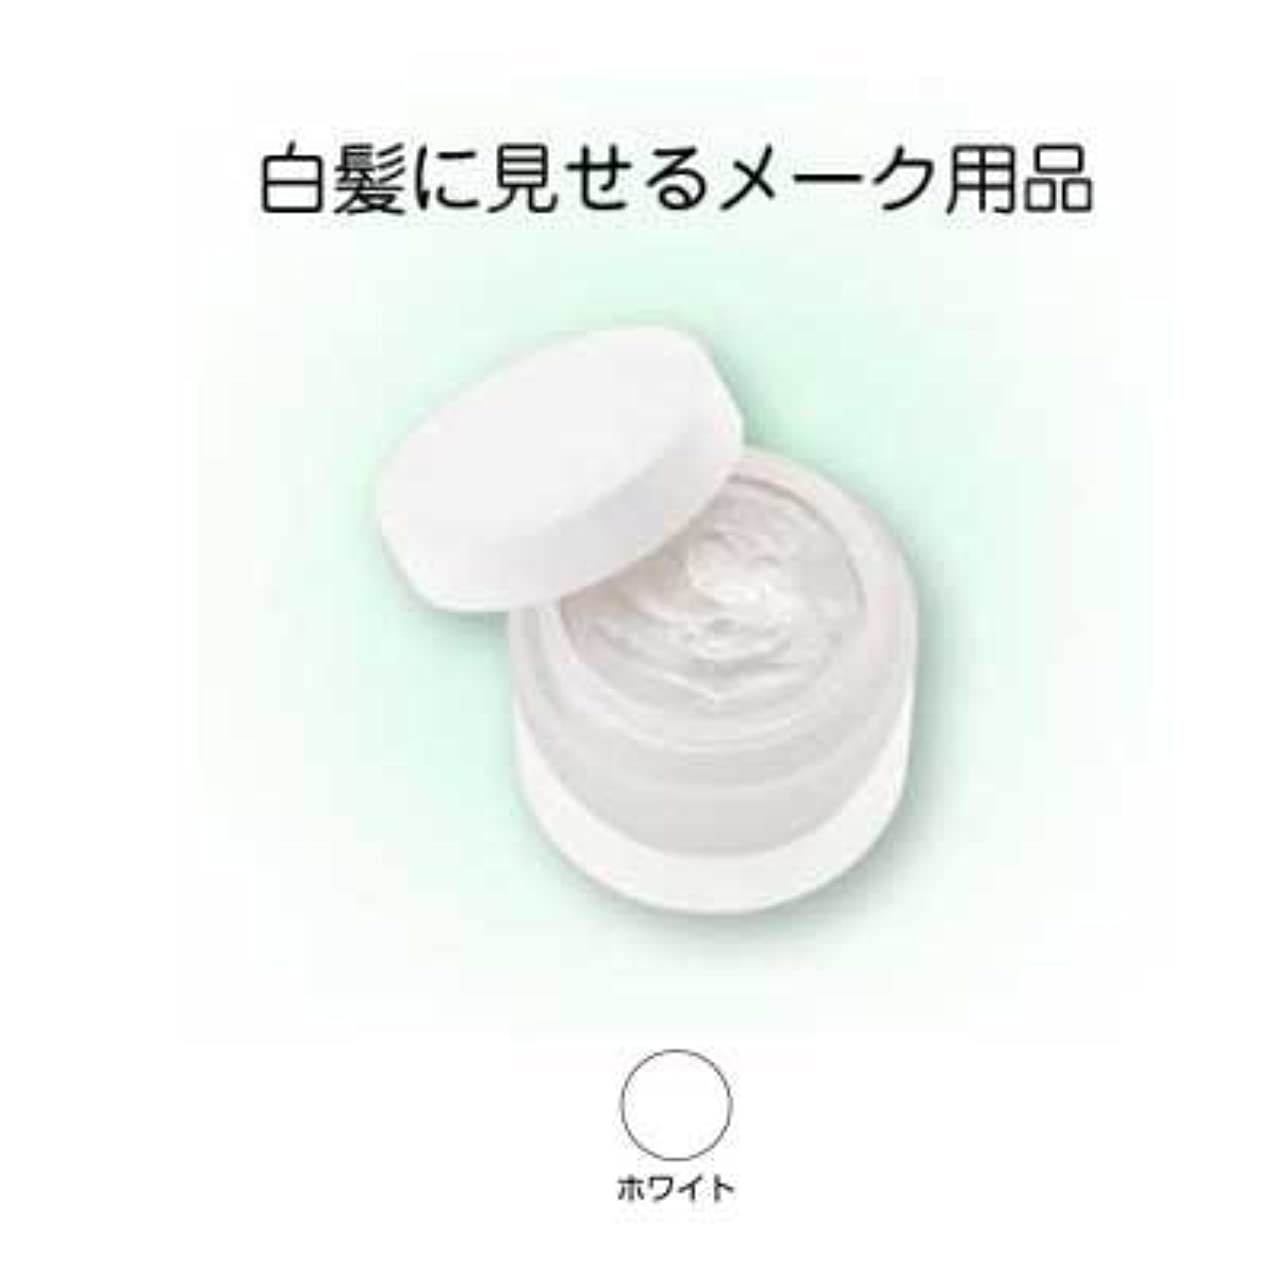 無法者拒絶法的ヘアシルバー 33g ホワイト【三善】